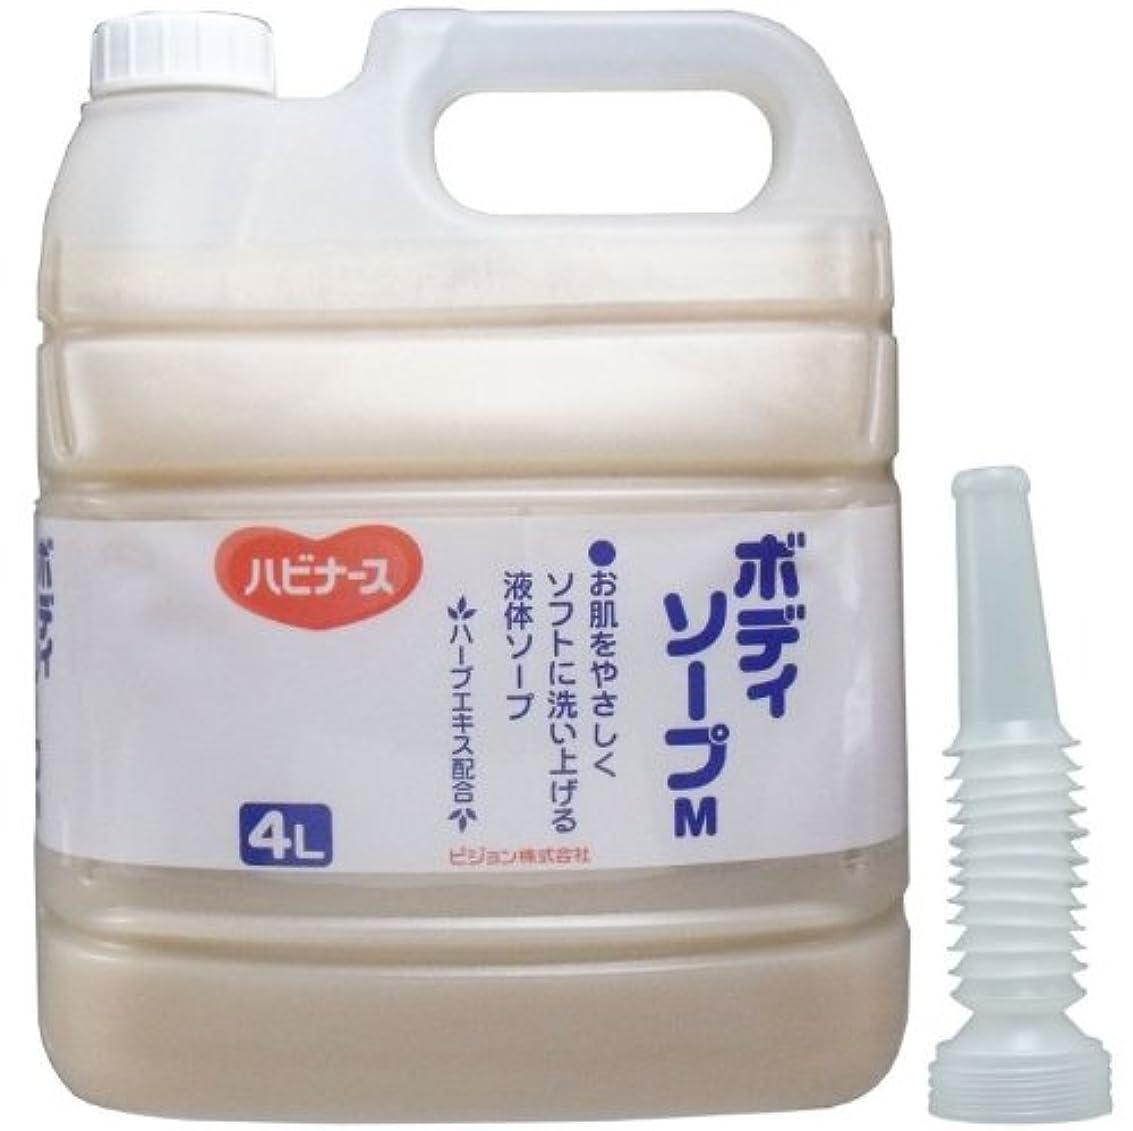 決定的対称ここに液体ソープ ボディソープ 風呂 石ケン お肌をやさしくソフトに洗い上げる!業務用 4L【3個セット】